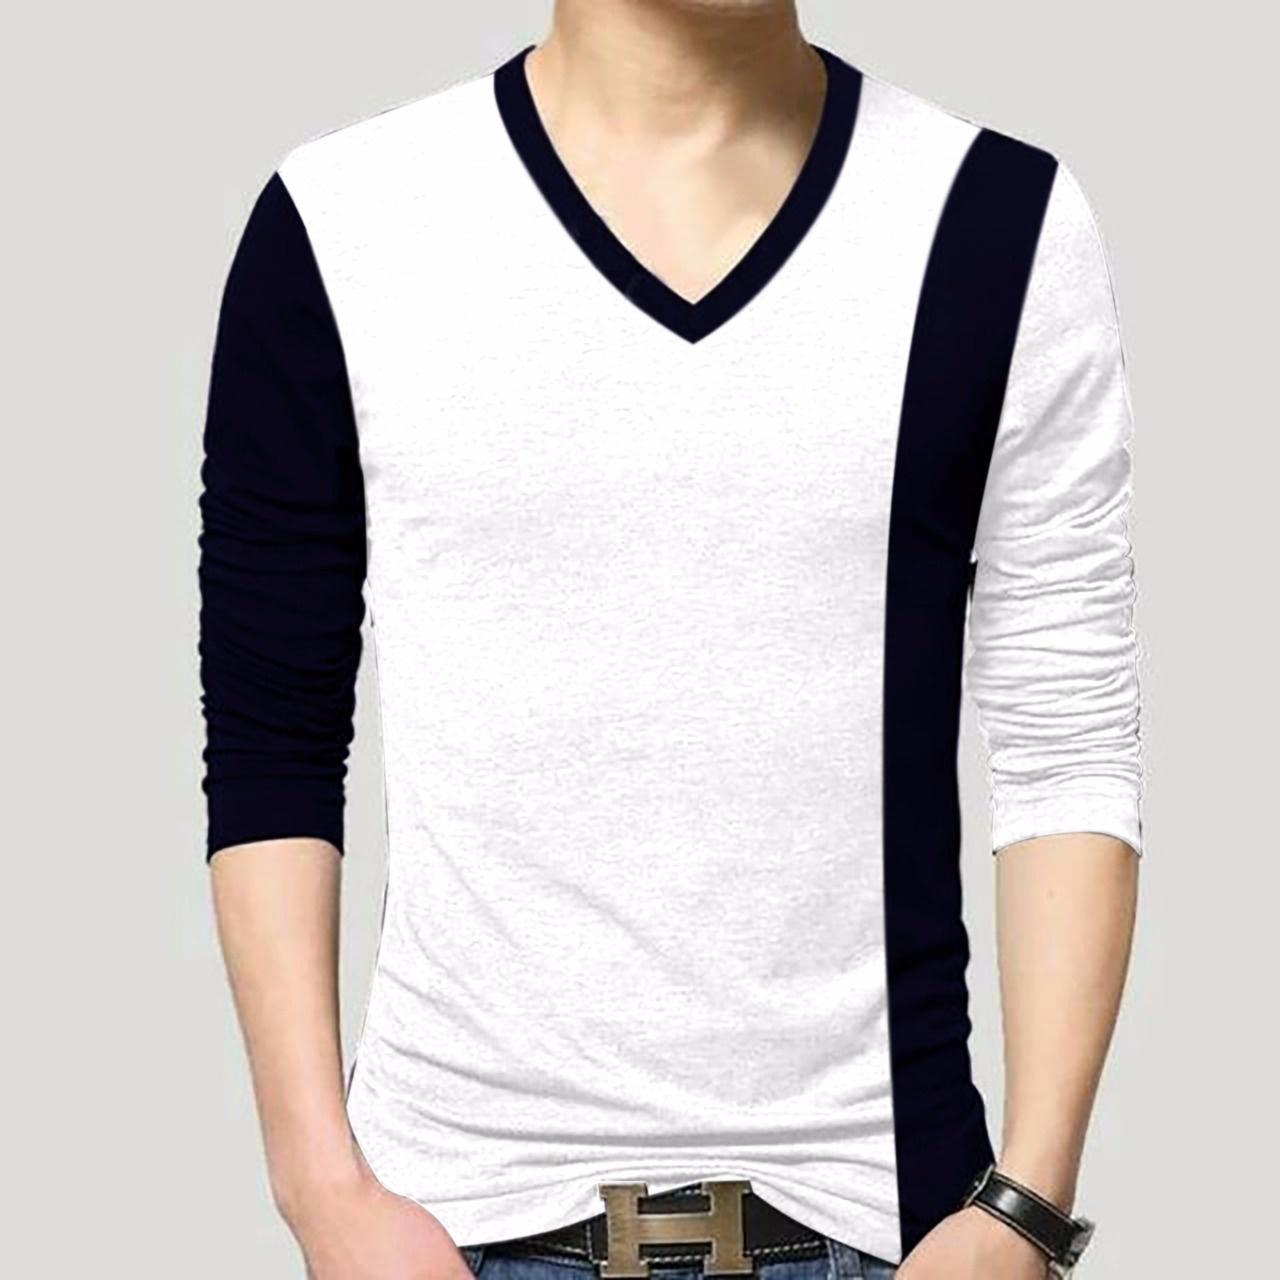 Popuri Fashion Kaos Loren - Spandek Lengan Panjang T-Shirt Atasan Pria Kaos T-Shirt Baju Murah Tshirt Shirt Cowok Lakilaki Koas Cowo Kekinian Tsirt Terbaru Laki-laki Kaoa Tshit Atasan Laki Kaod Tshir Atasan Murah Kaoss Baju Kaos Lelaki Spandex XL